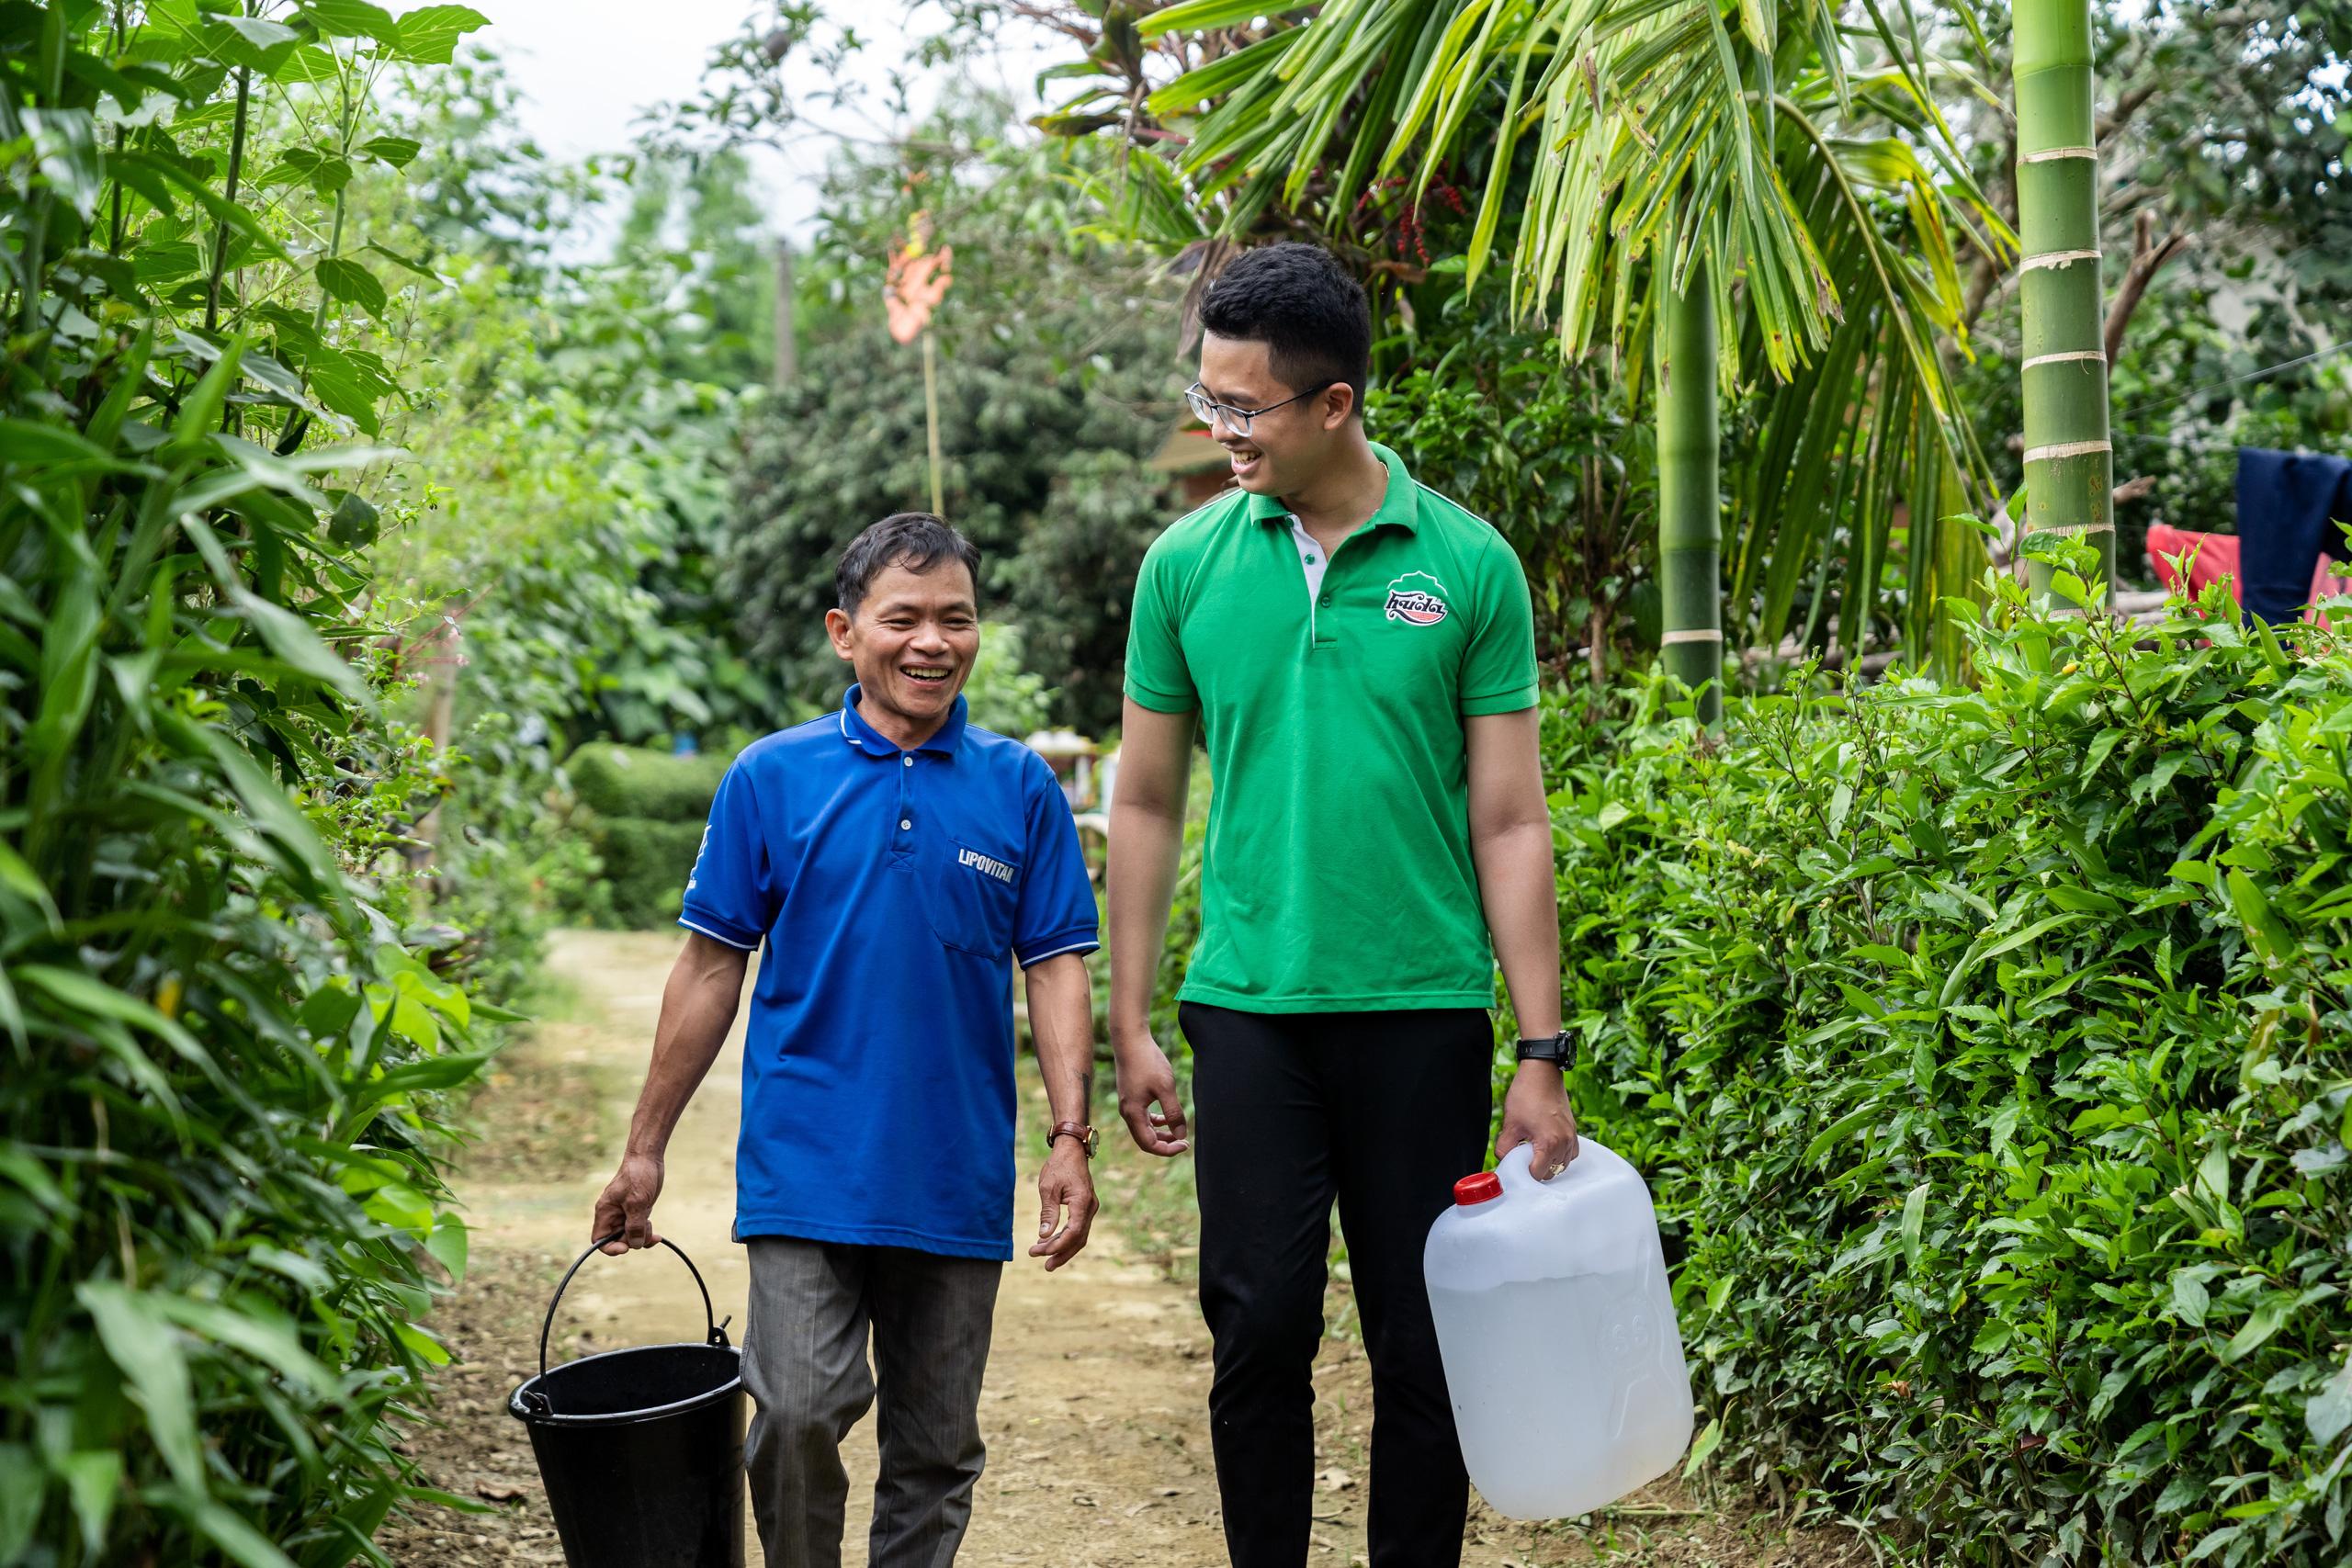 Carlsberg Việt Nam năm thứ 3 đưa nước sạch đến với 4 tỉnh miền Trung - Ảnh 1.